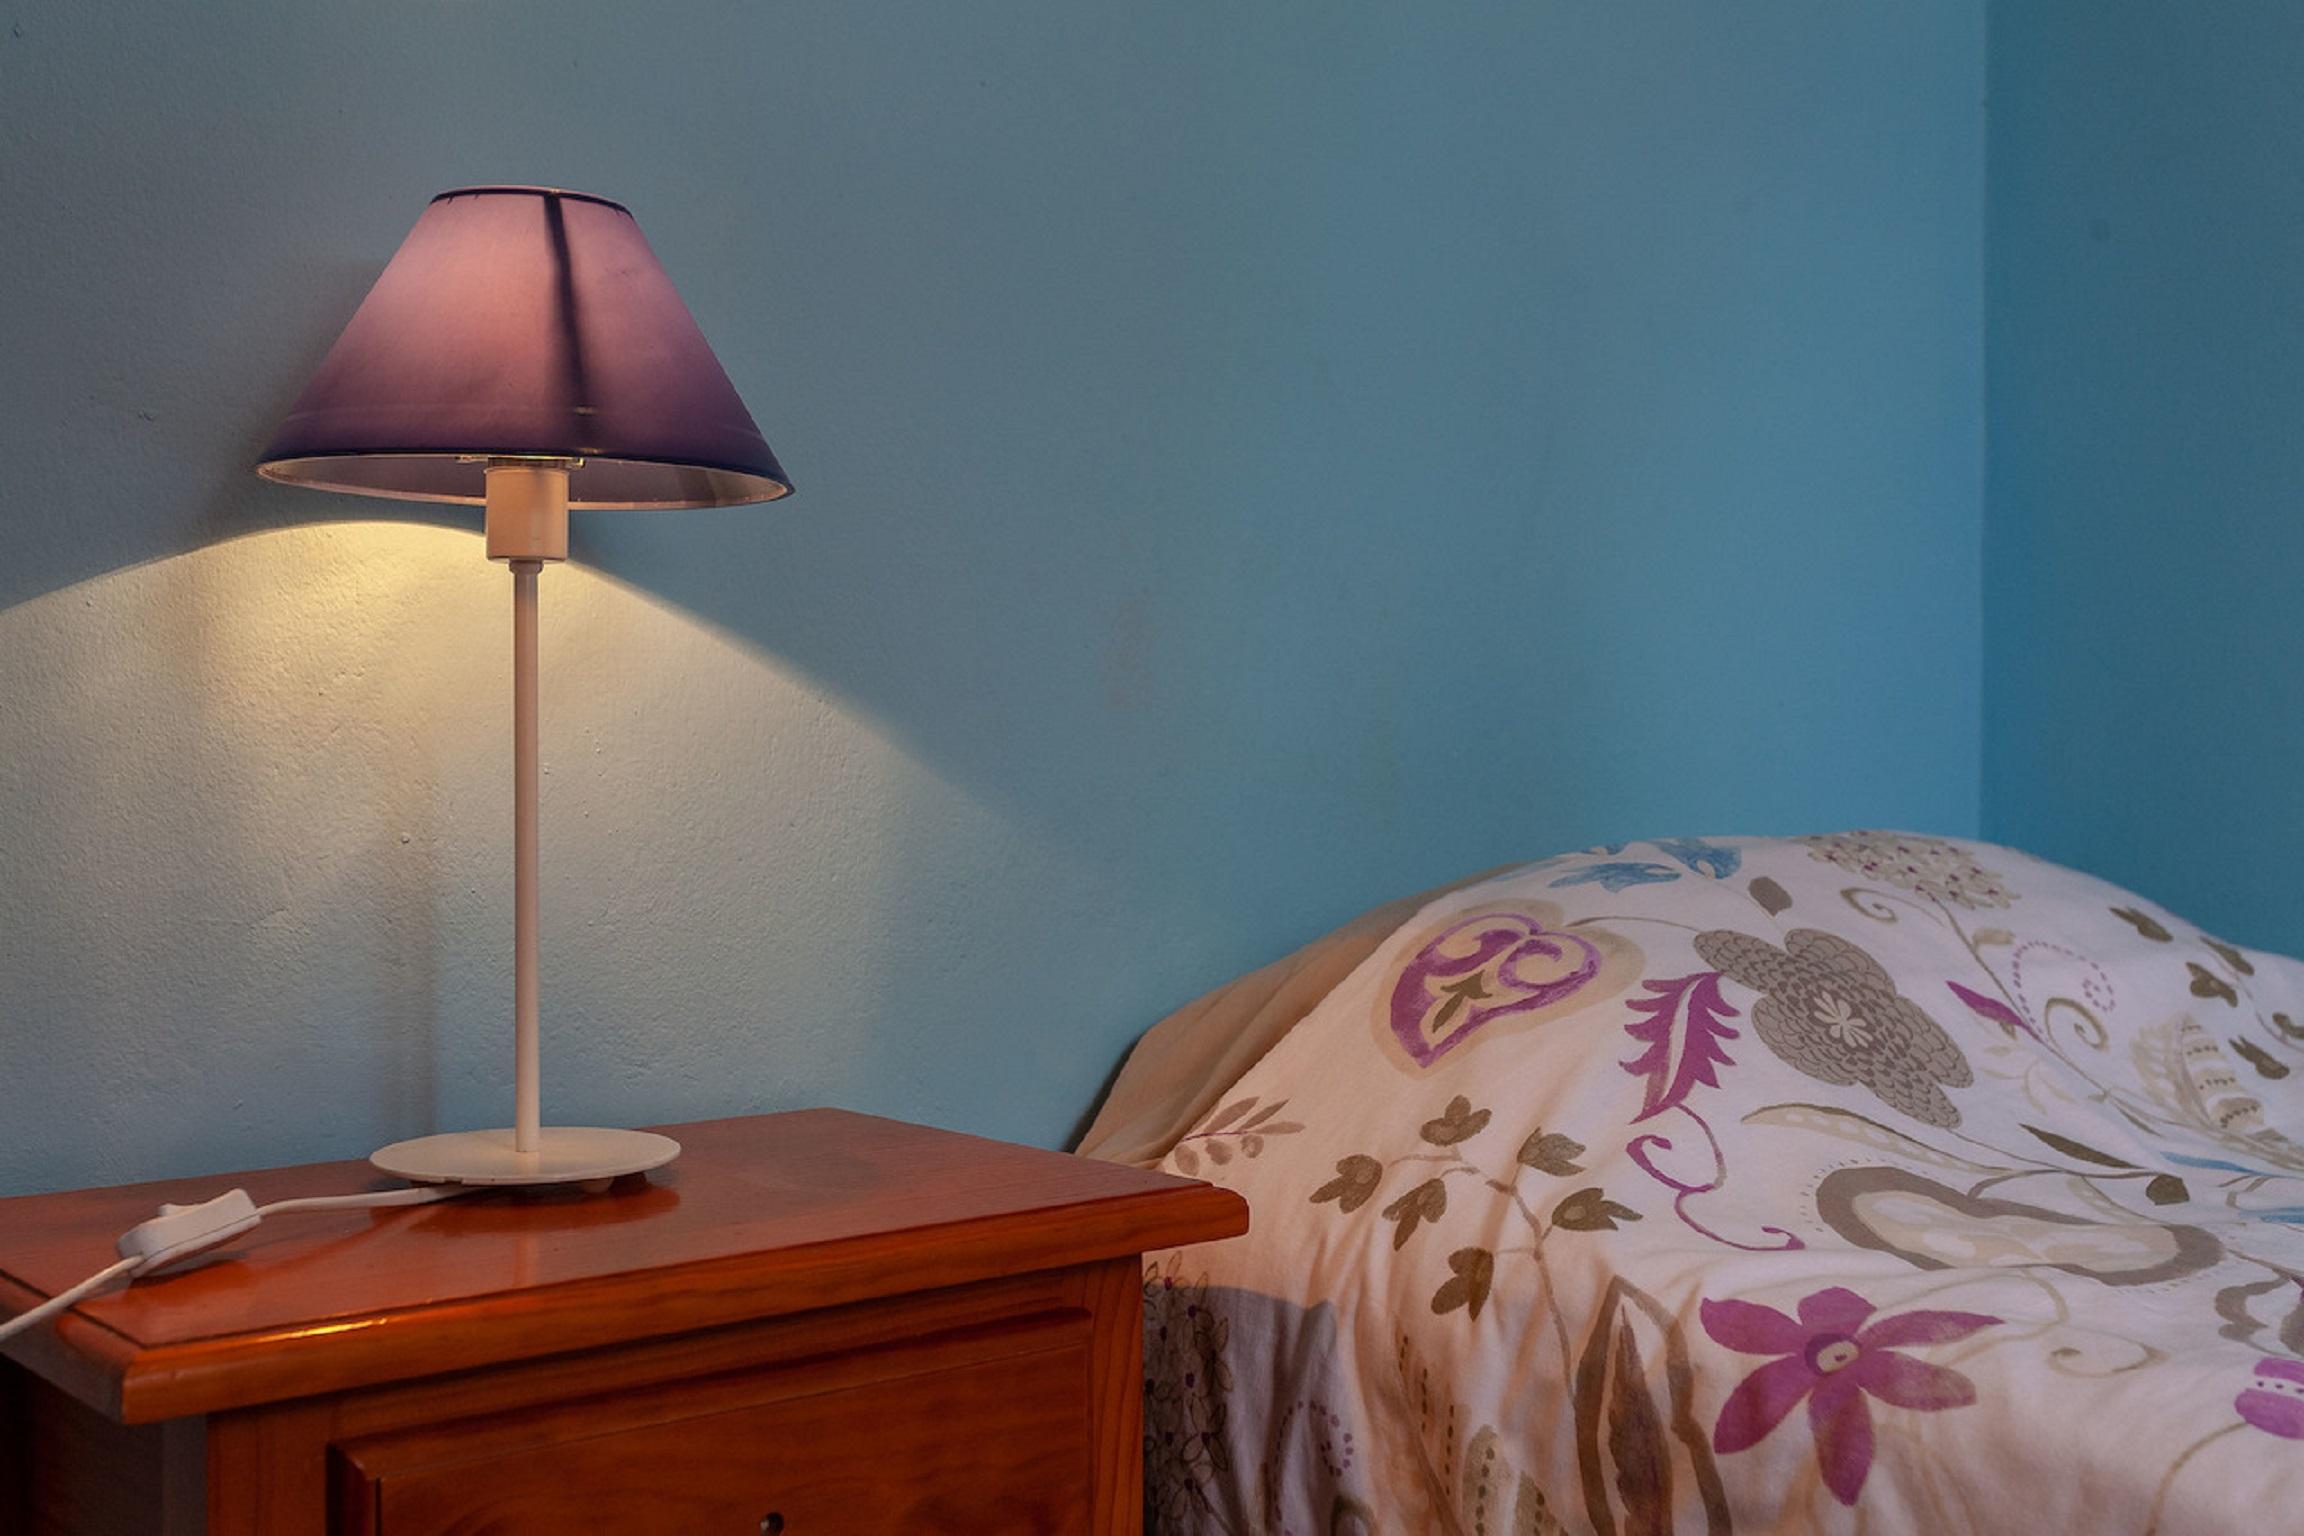 Ferienwohnung Apartment in Strandnhe mit groer Terrasse, Wlan und Parkplatz (2628896), Costa Calma, Fuerteventura, Kanarische Inseln, Spanien, Bild 21